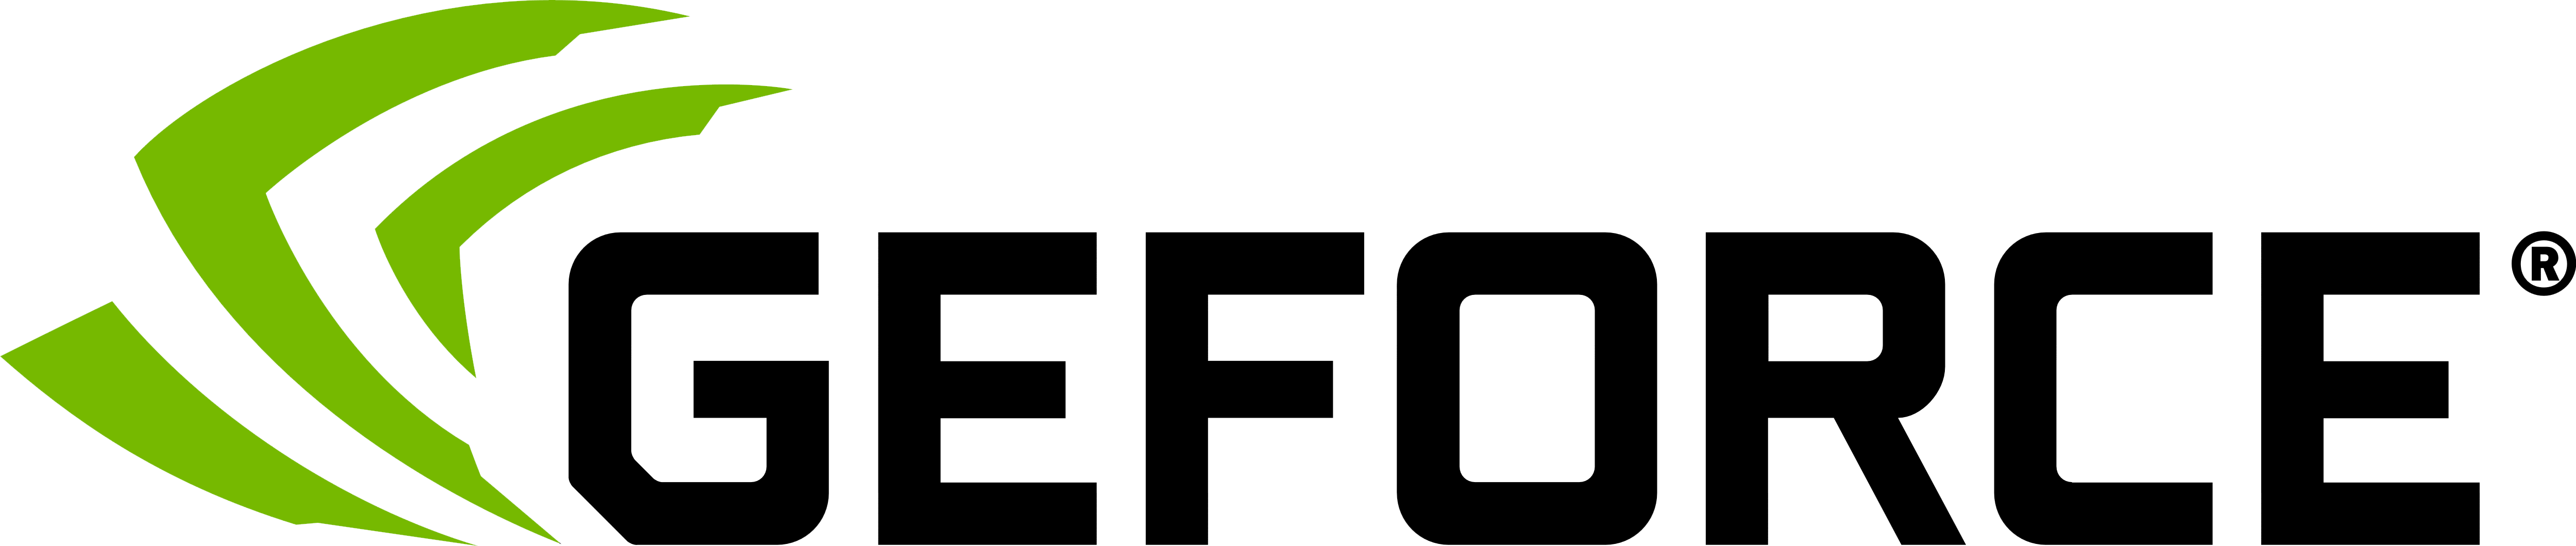 GeForce – Logos Download